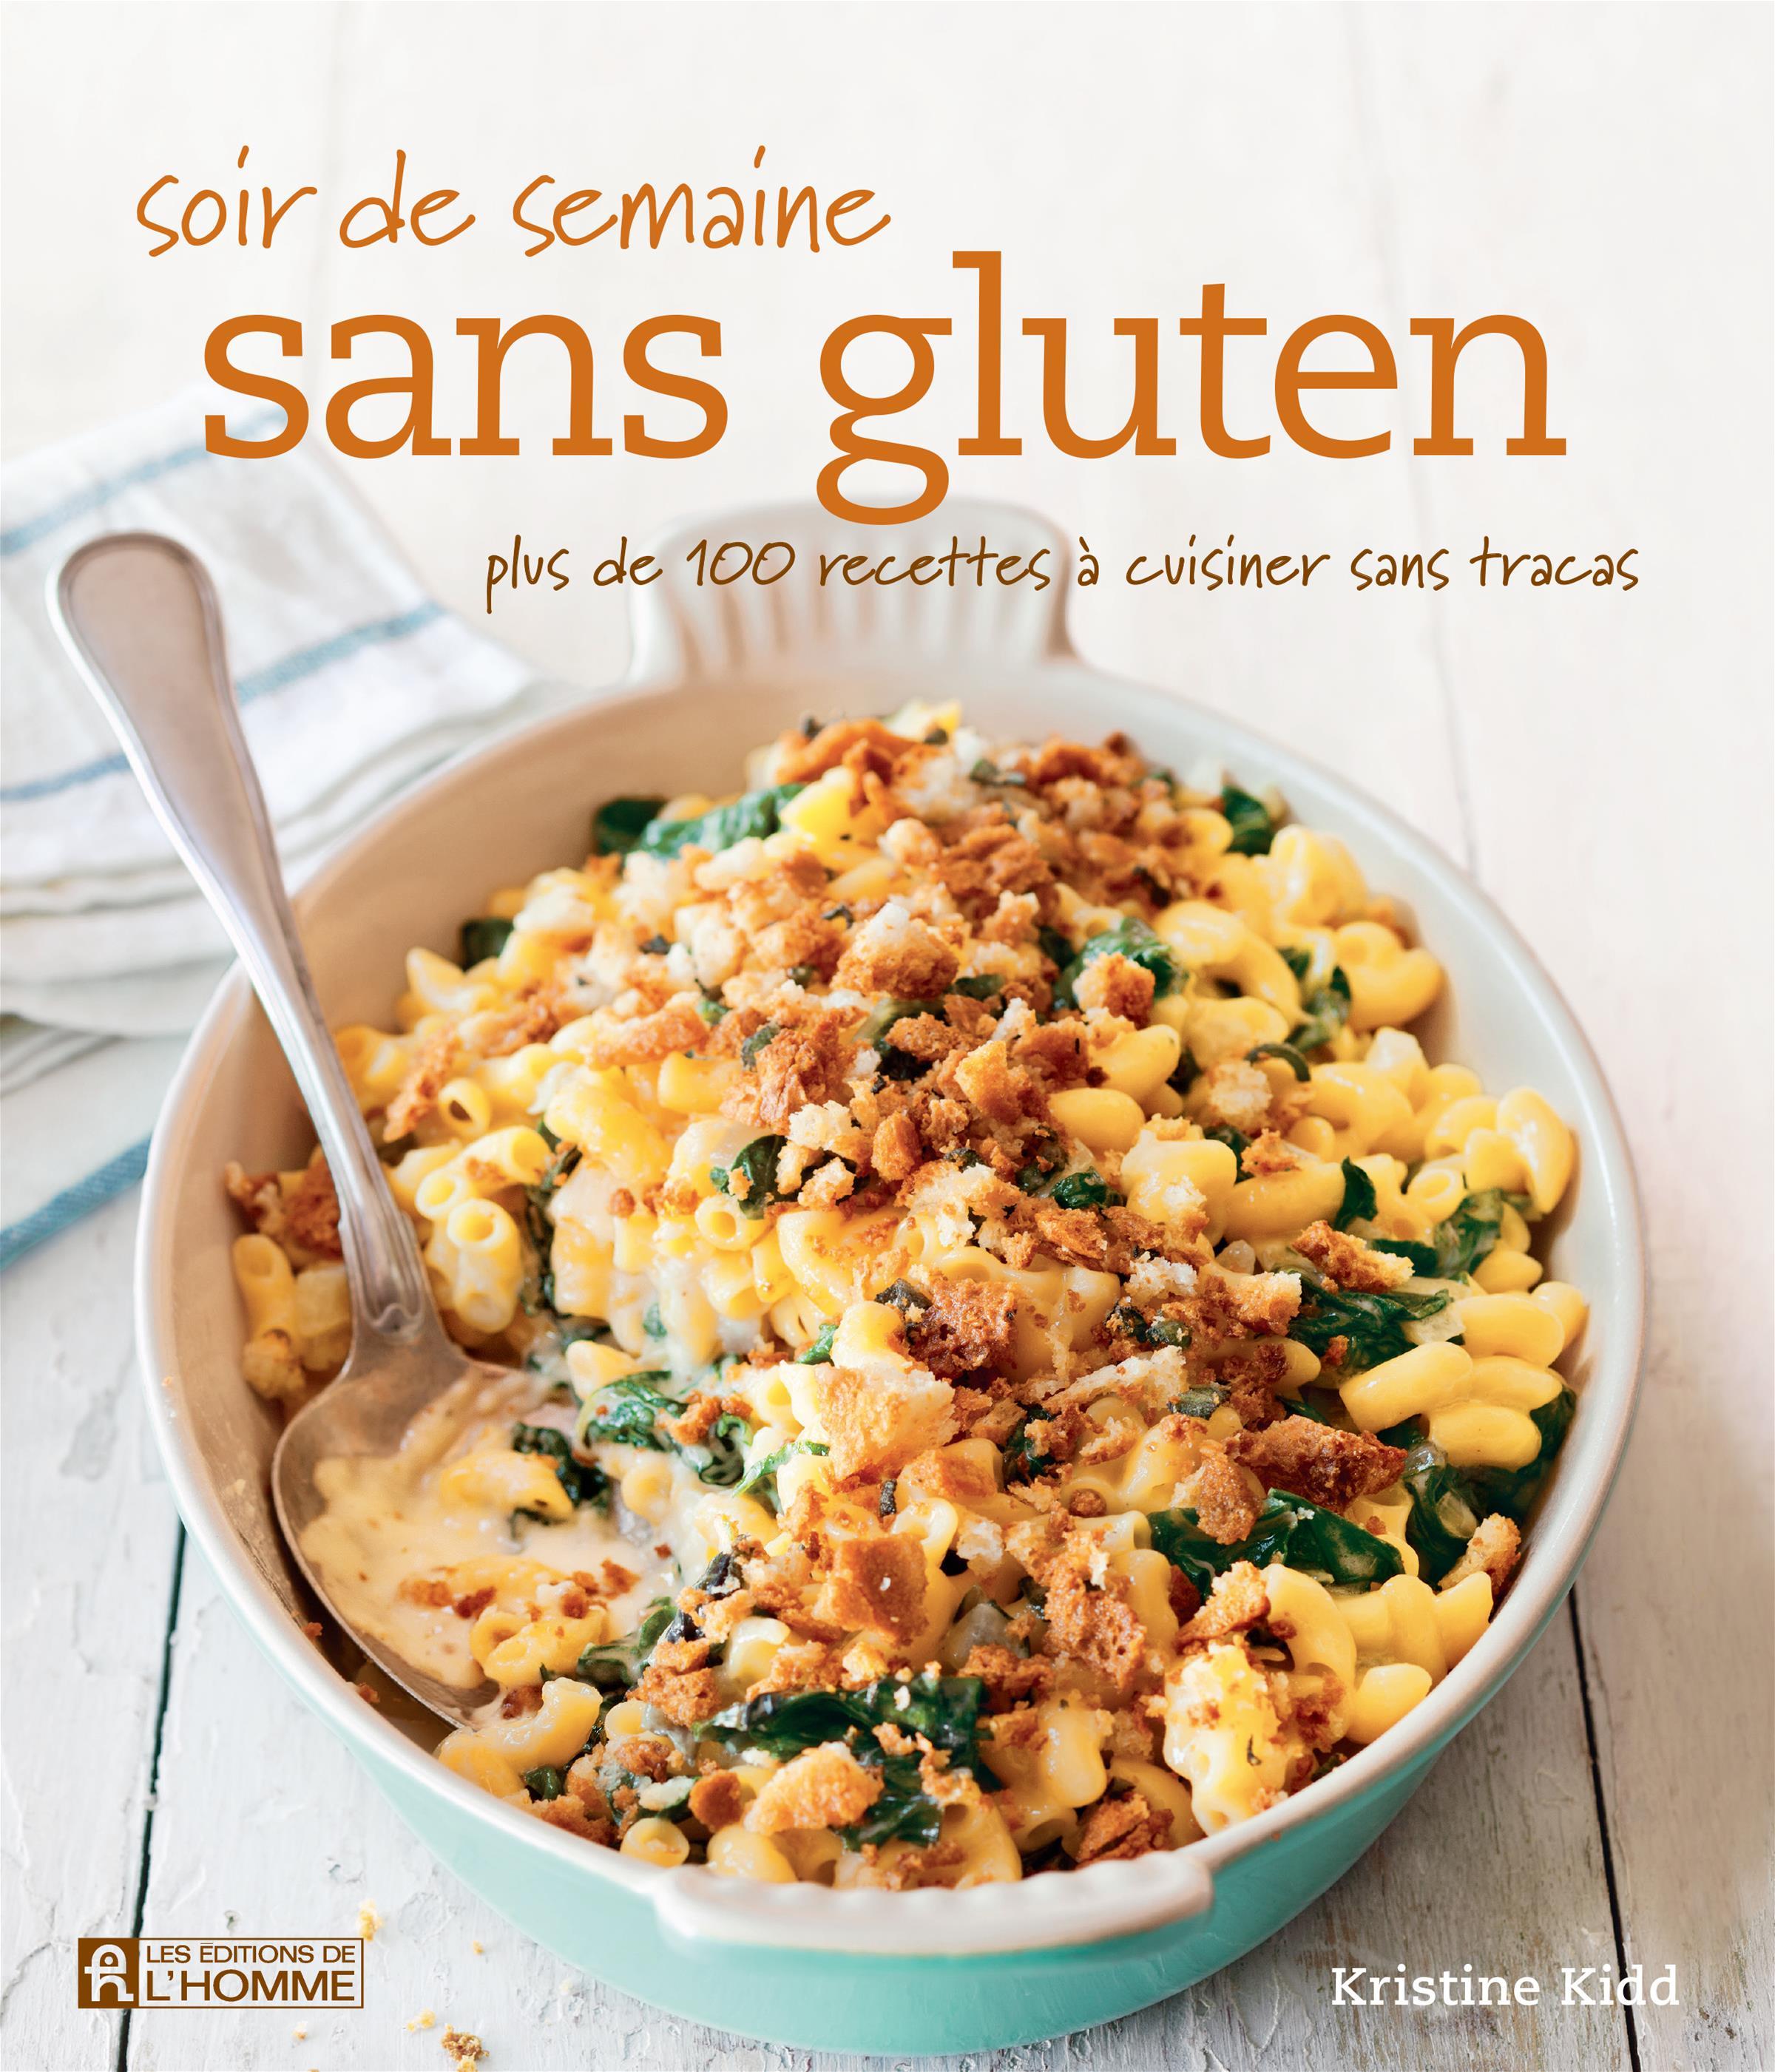 livre soir de semaine sans gluten - plus de 100 recettes à